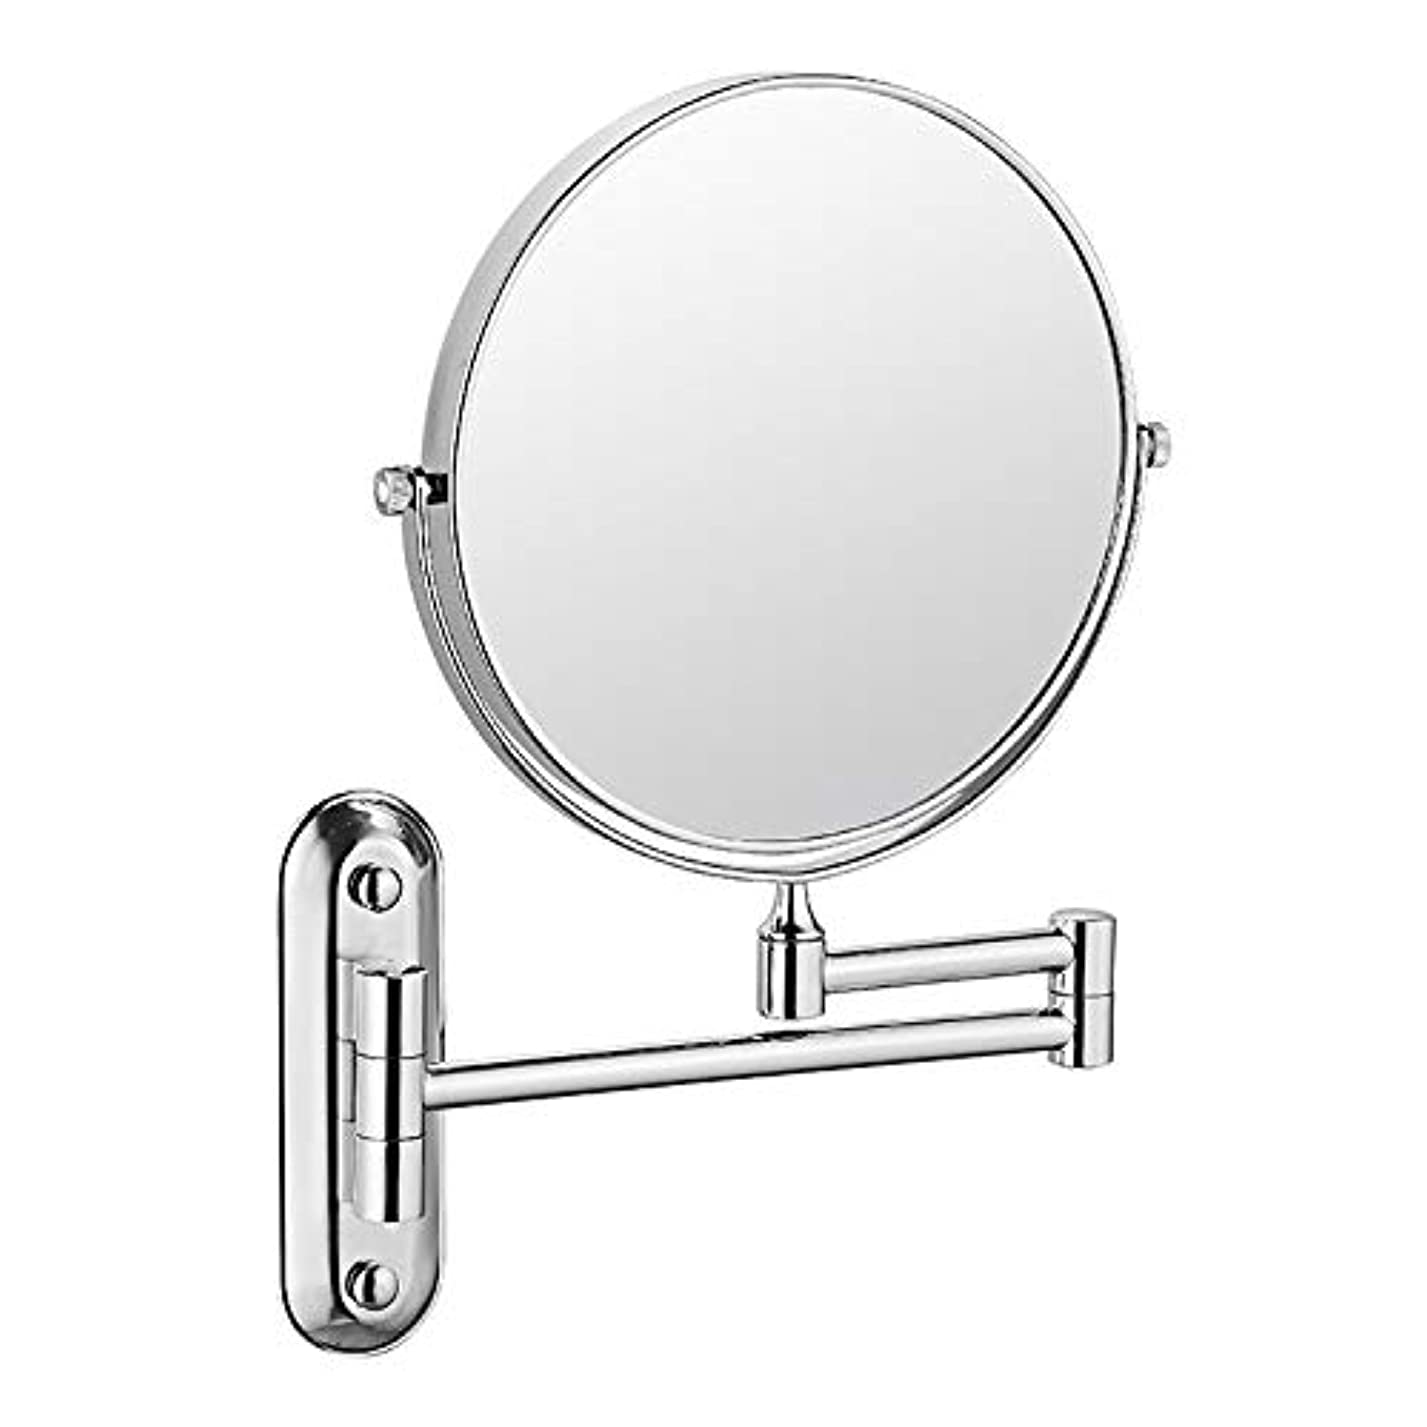 疑問に思う生じる不規則な化粧鏡、壁に取り付けられた化粧鏡、3倍の倍率の化粧鏡、寝室または浴室の拡張可能な浴室シェービングミラー,A